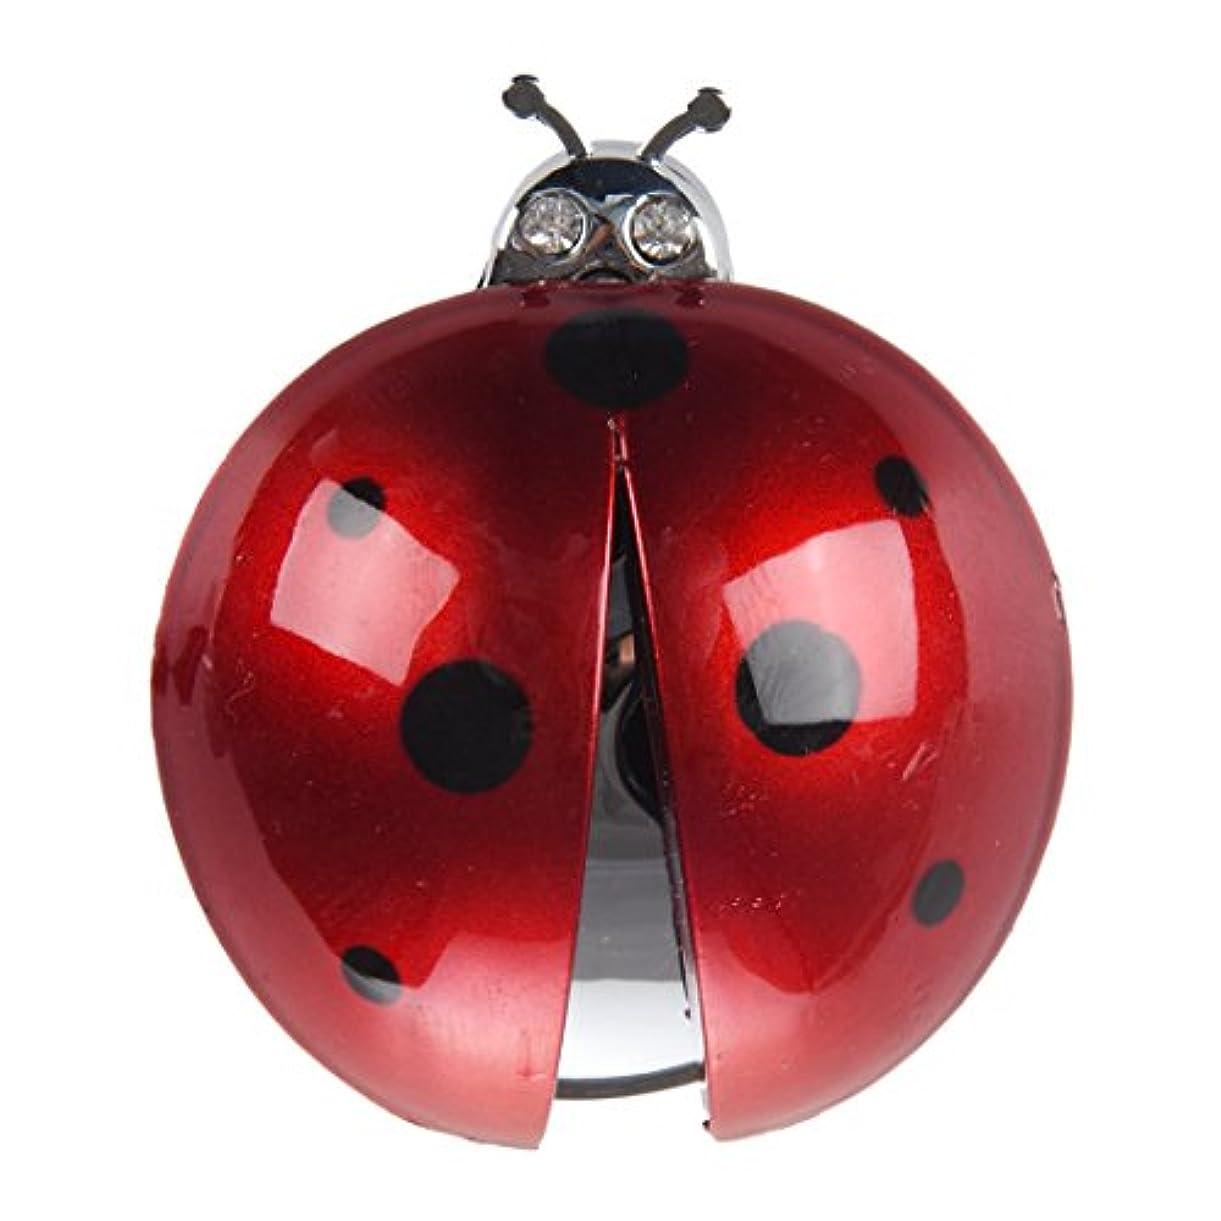 無限コーンウォールストロークTYJP TYJP(R)車の空気ベント てんとう虫のデザイン フレグランス 清浄 芳香 ダークレッド